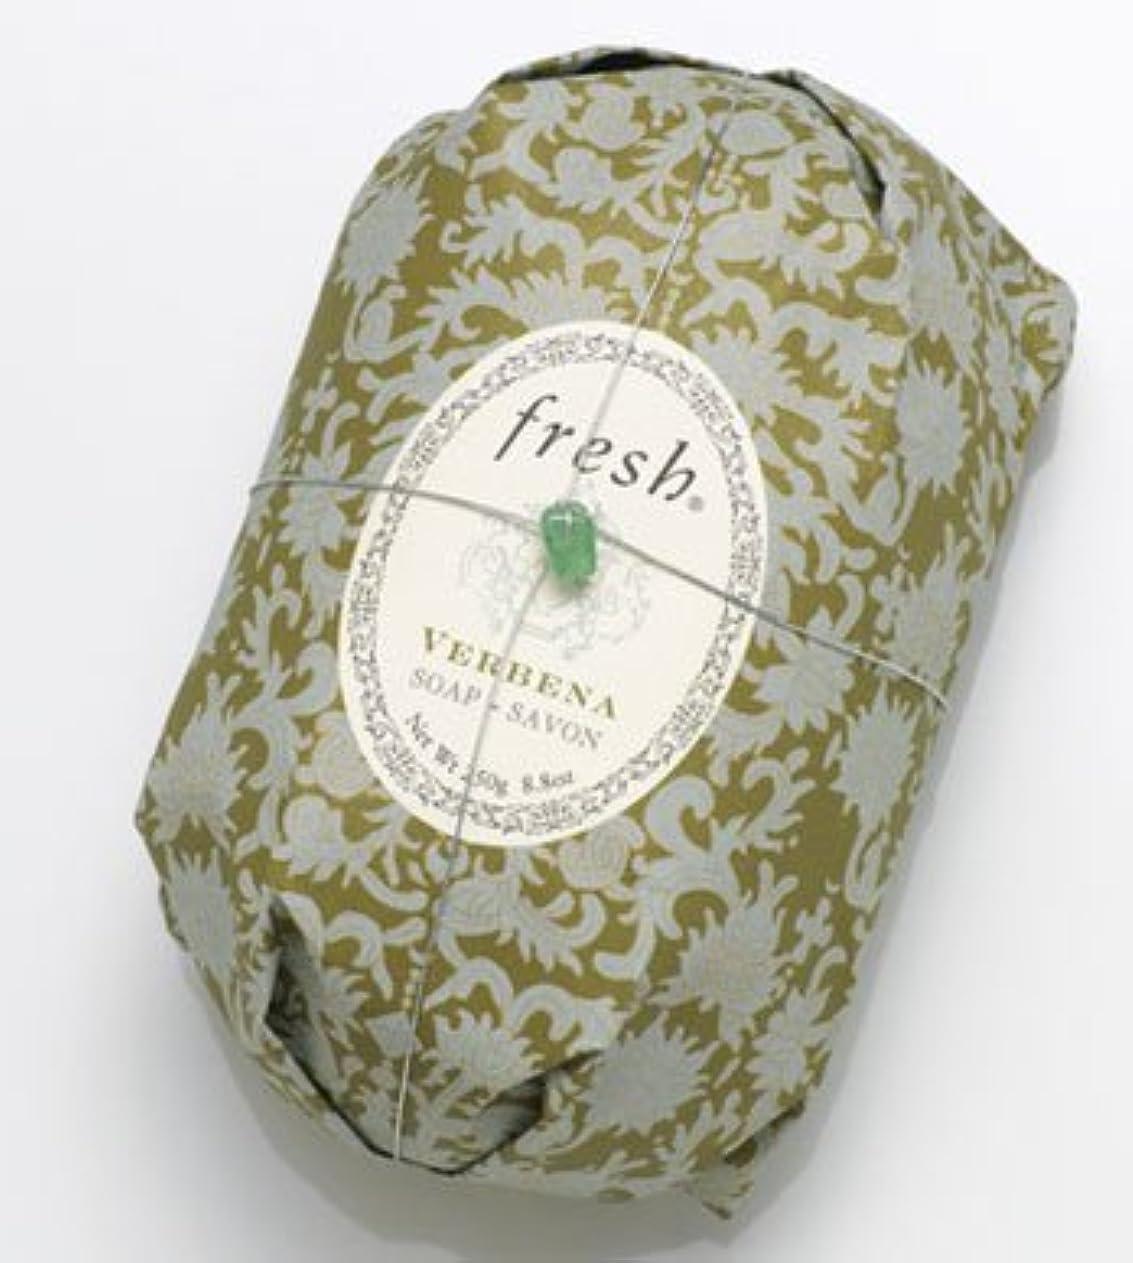 に沿って集団的文明Fresh VERBENA SOAP (フレッシュ バーベナ ソープ) 8.8 oz (250g) Soap (石鹸) by Fresh